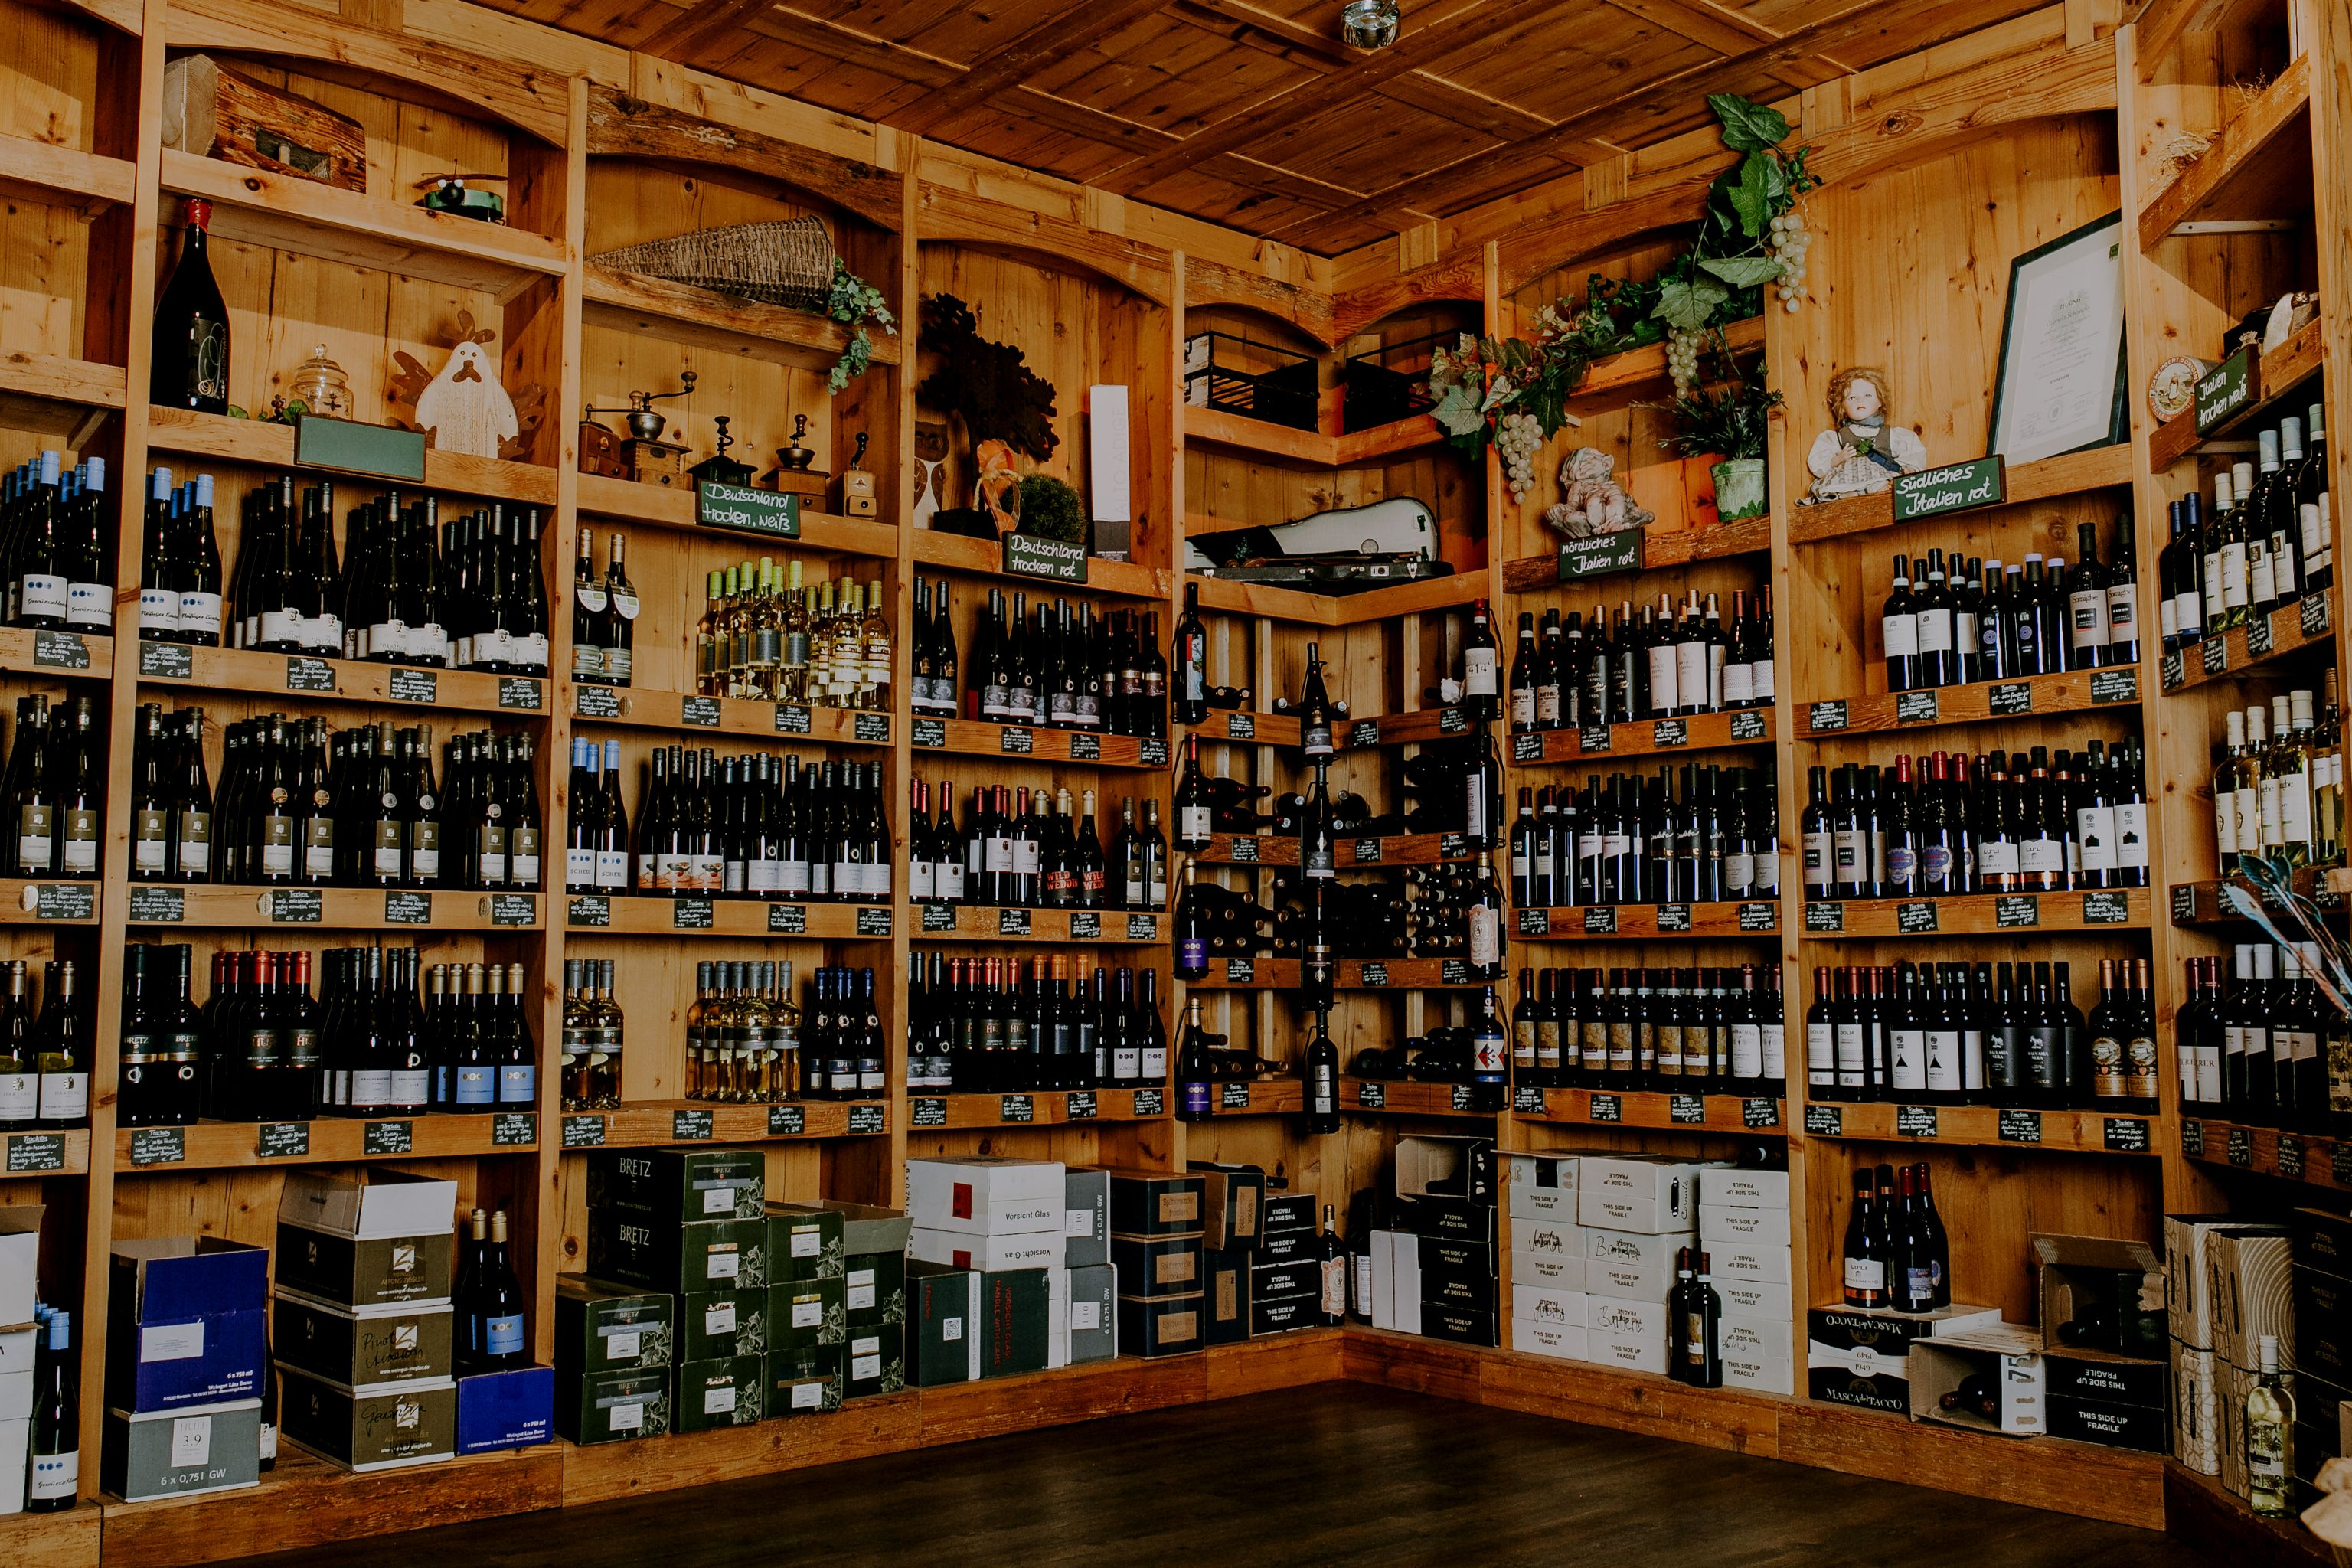 Wein-und Getränkefachmarkt Schneider